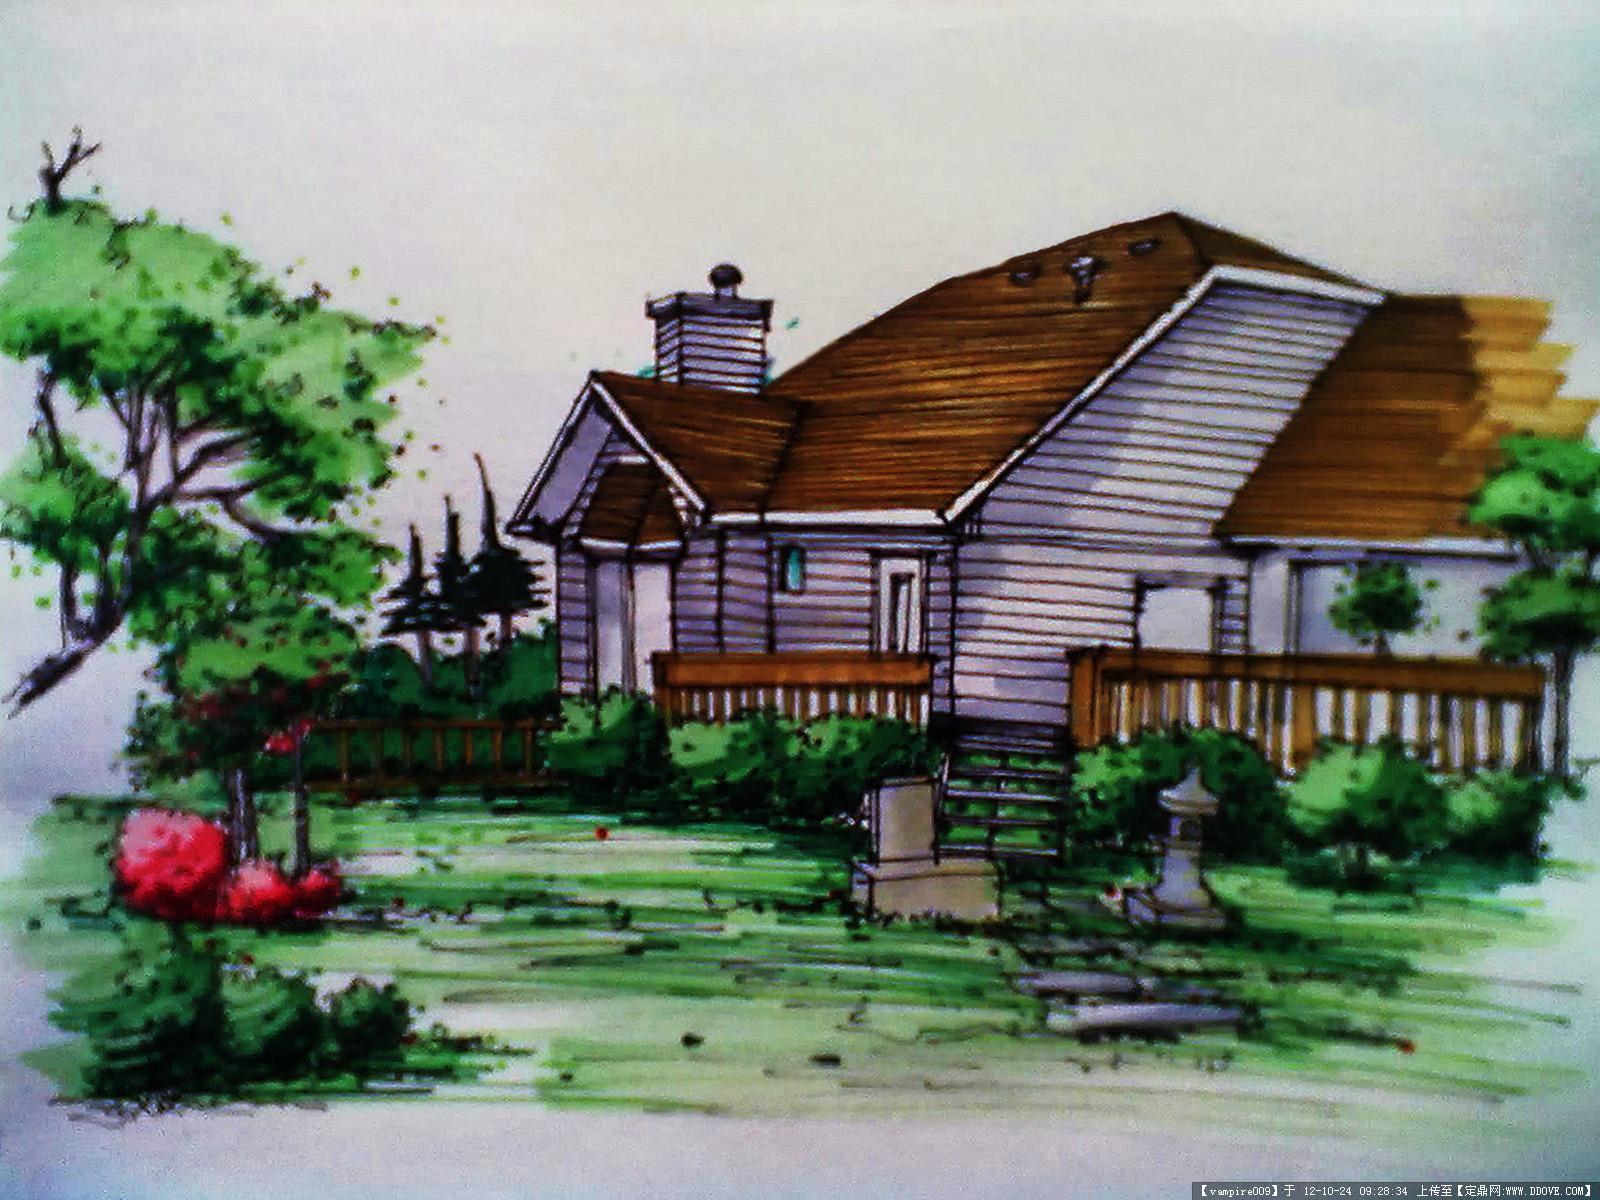 个人的景观手绘的图片浏览,园林效果图,手绘效果,园林